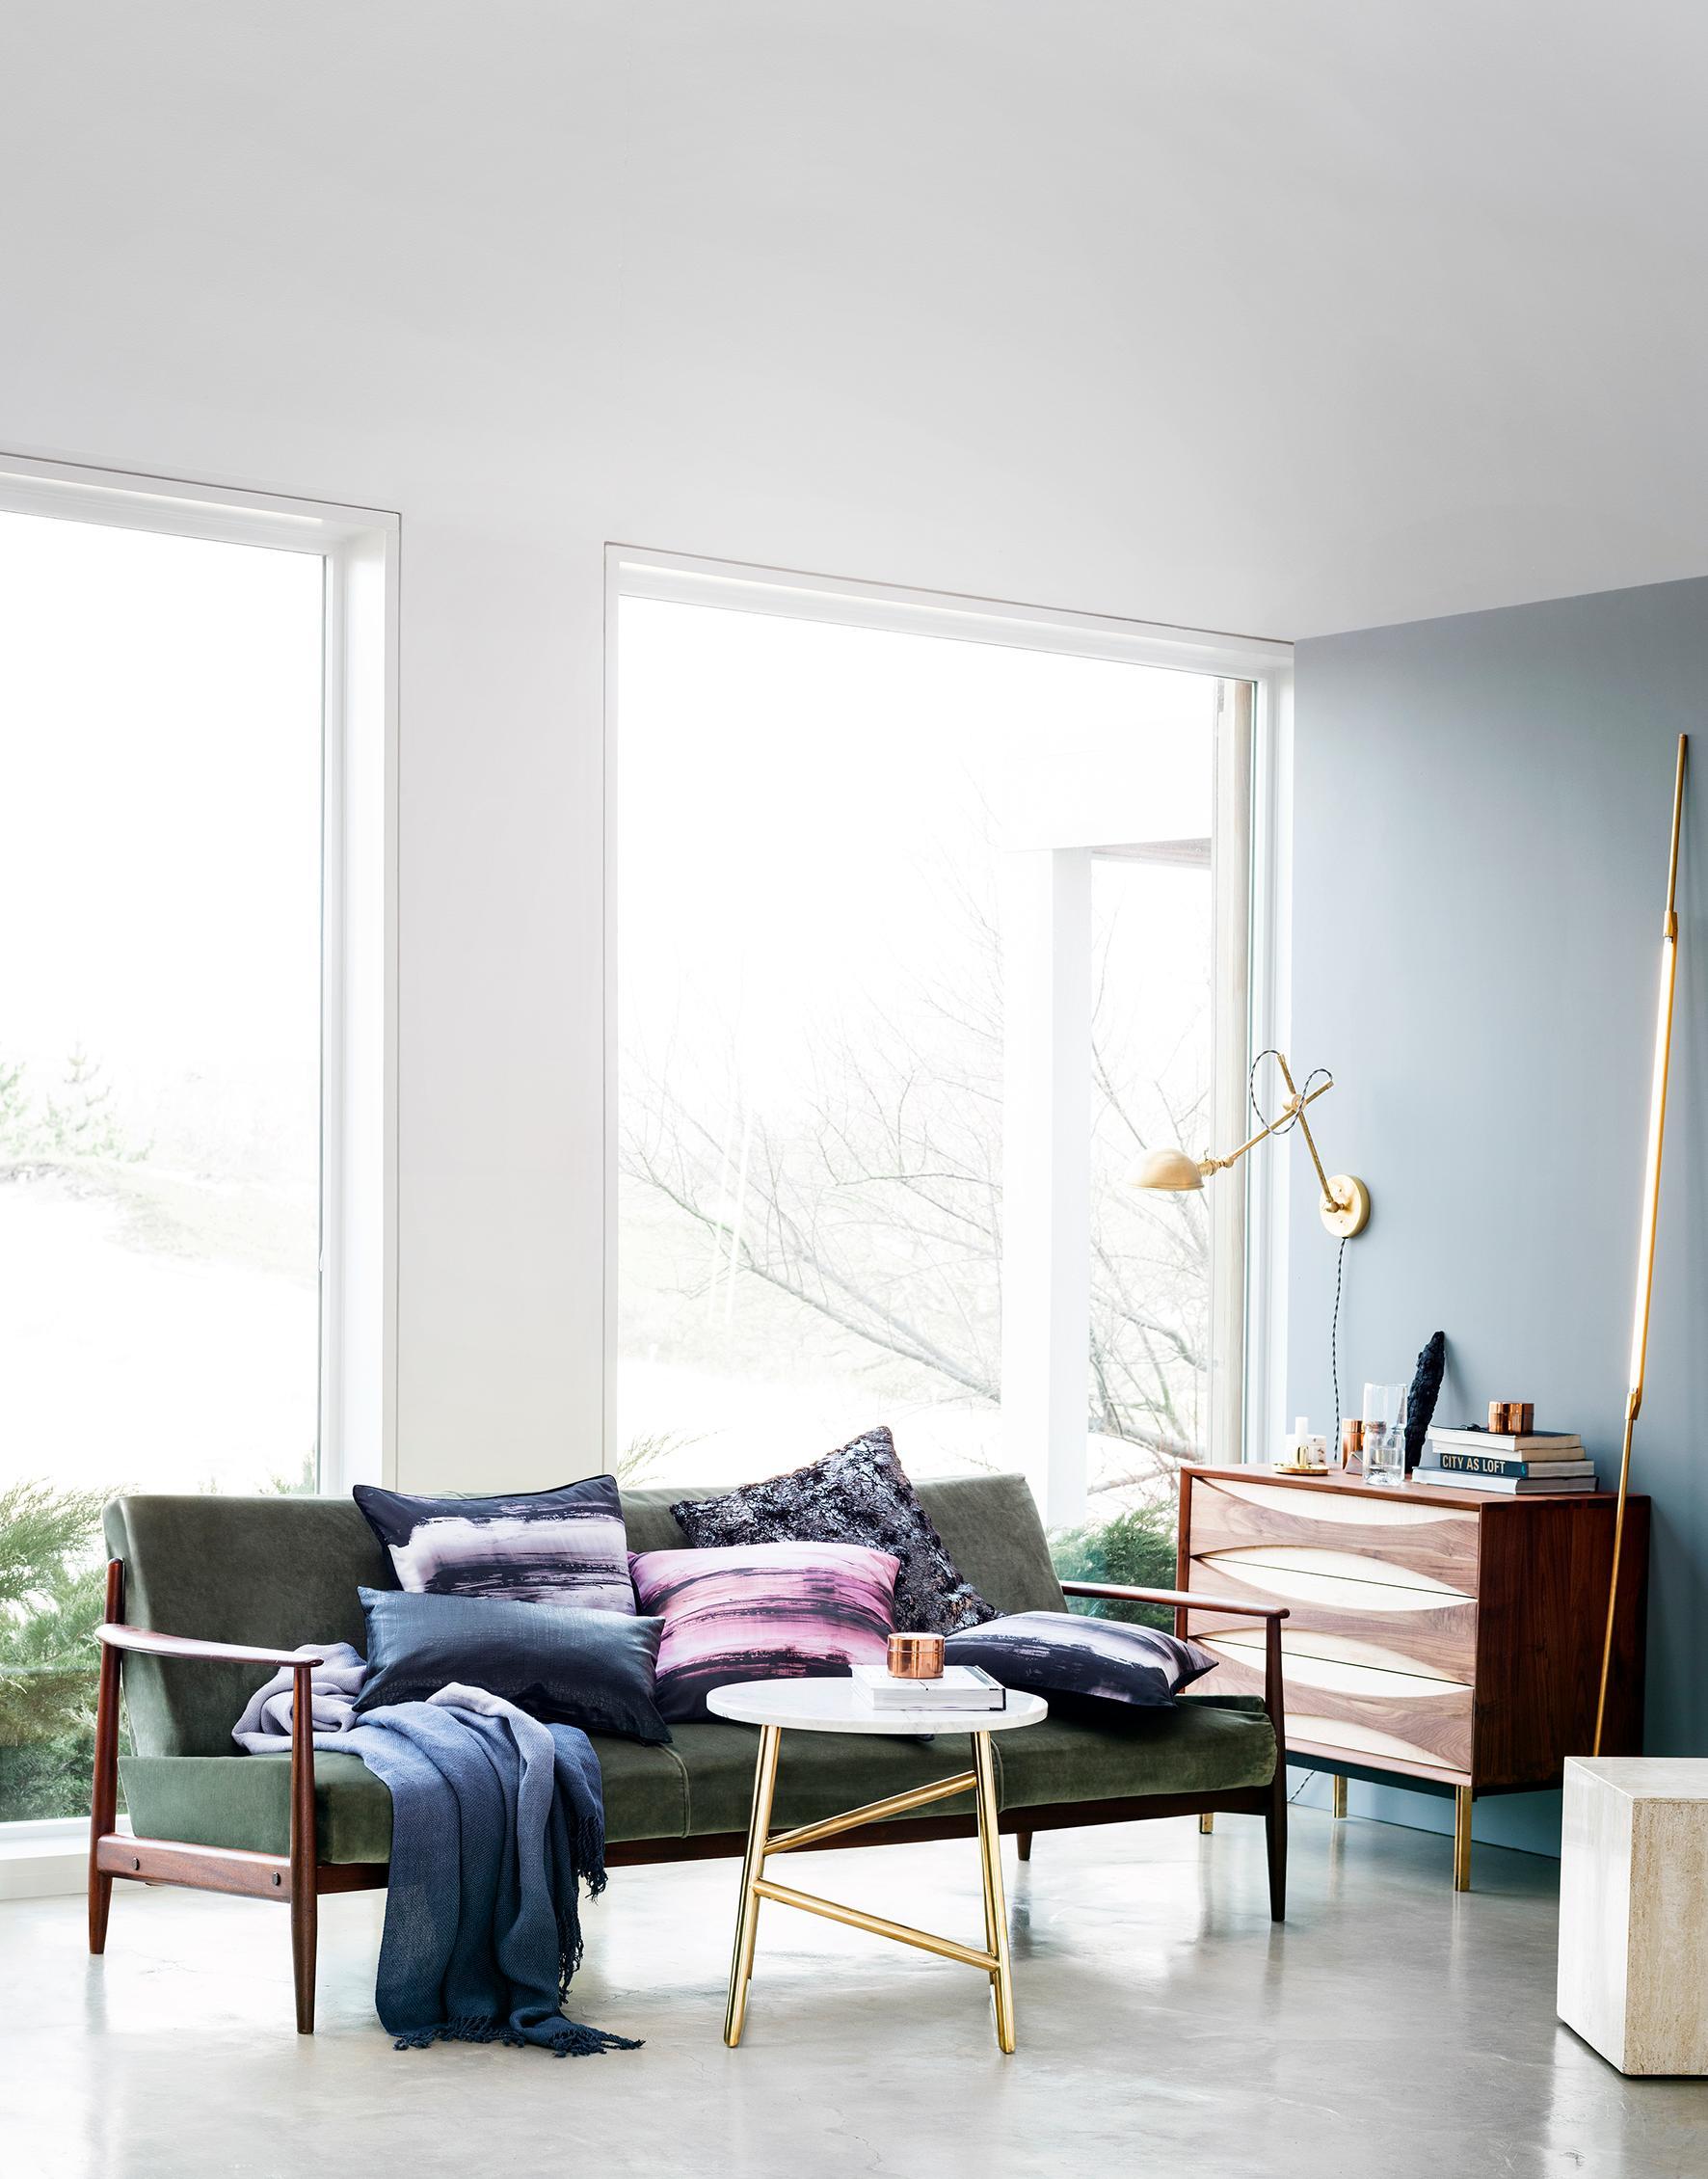 Grünes Sofa Bilder Ideen Couch